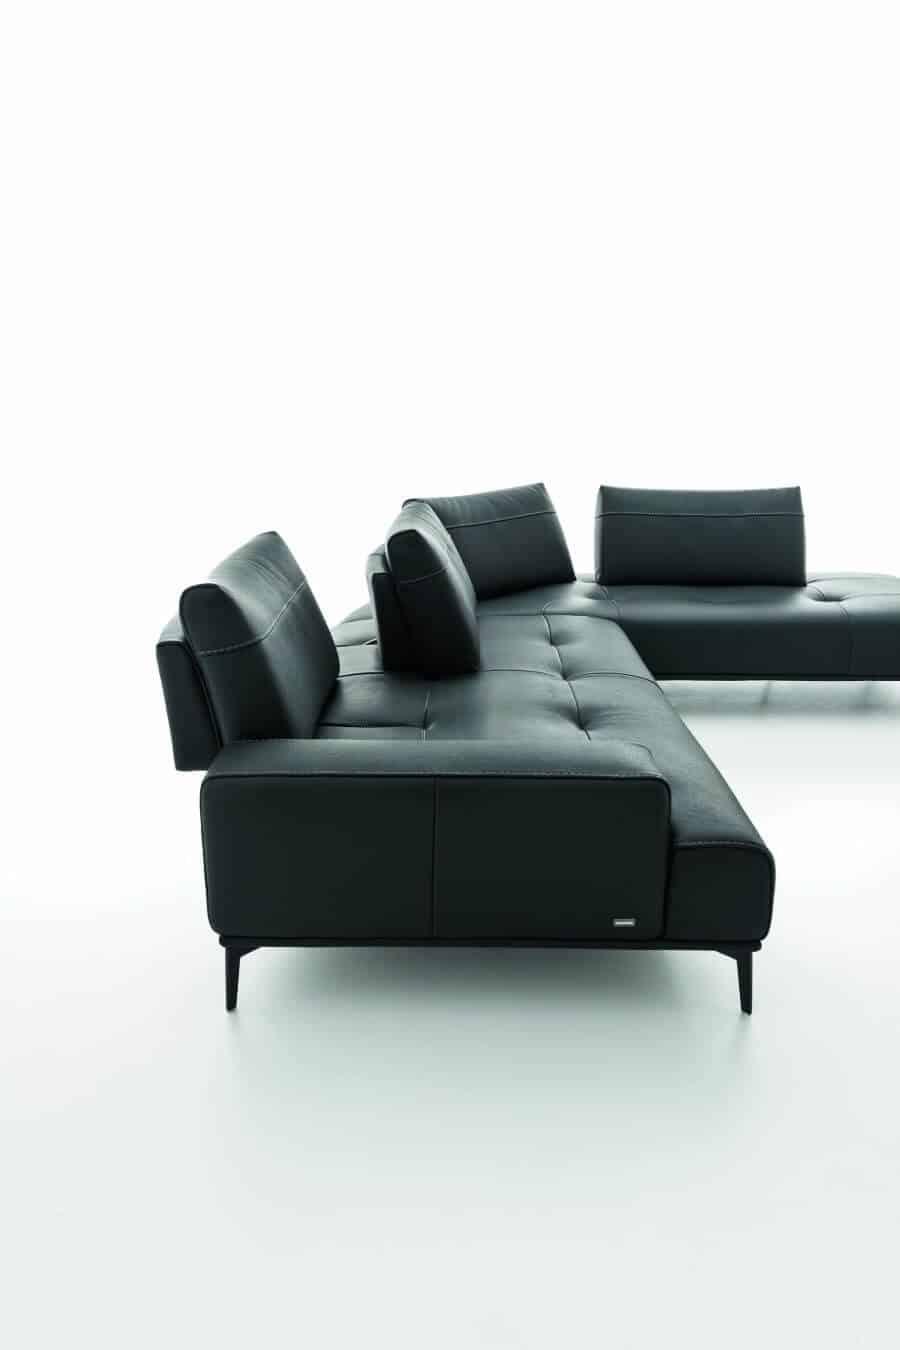 divani-schienale-movibile-collezione-egeo-pelle-il-mobile